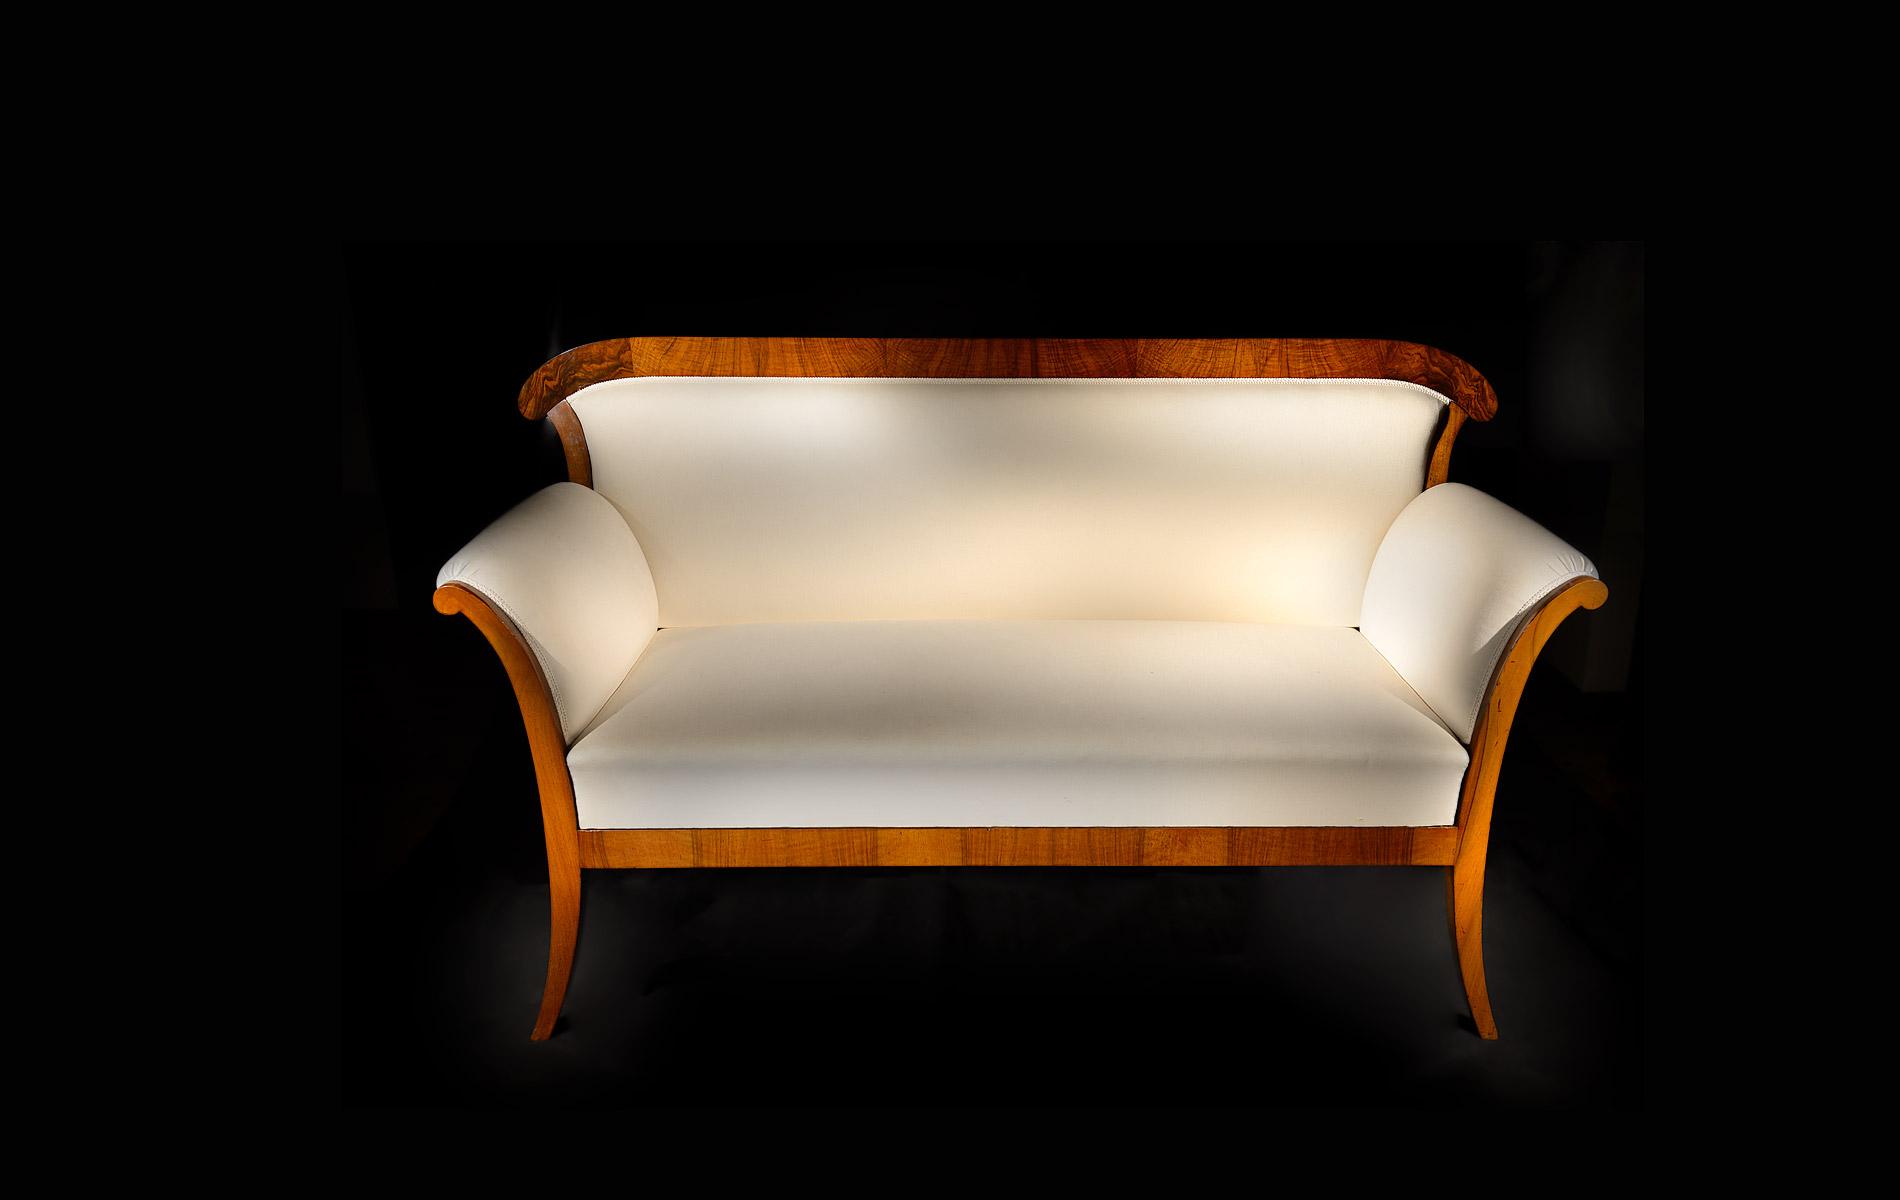 divano biedermeier Bernardi